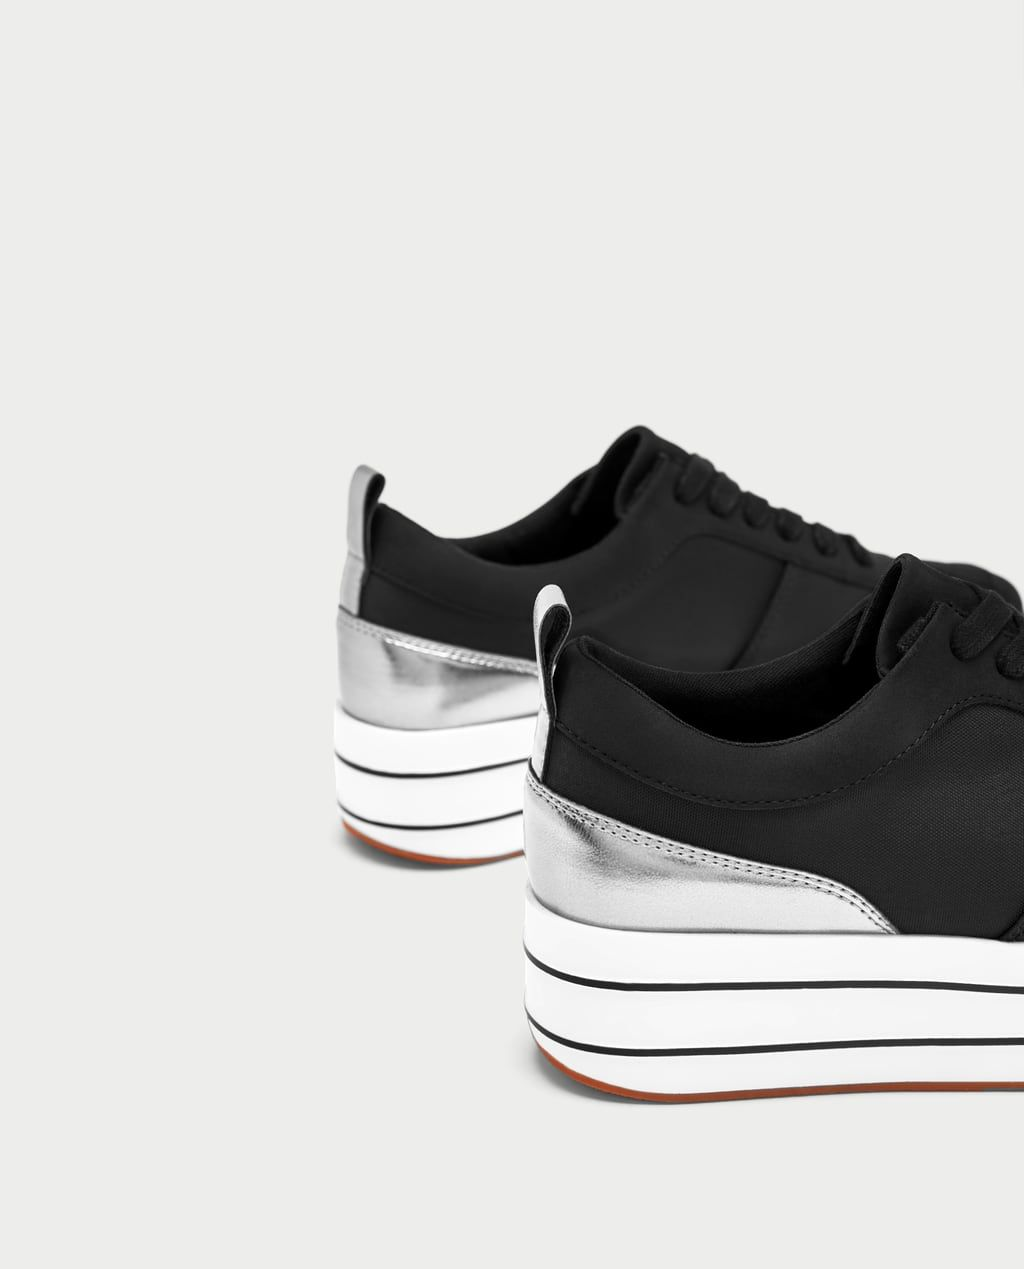 Zdjecie 1 Buty Sportowe Na Platformie Z Zara Black Platform Sandals Women Platform Sneakers Shoes